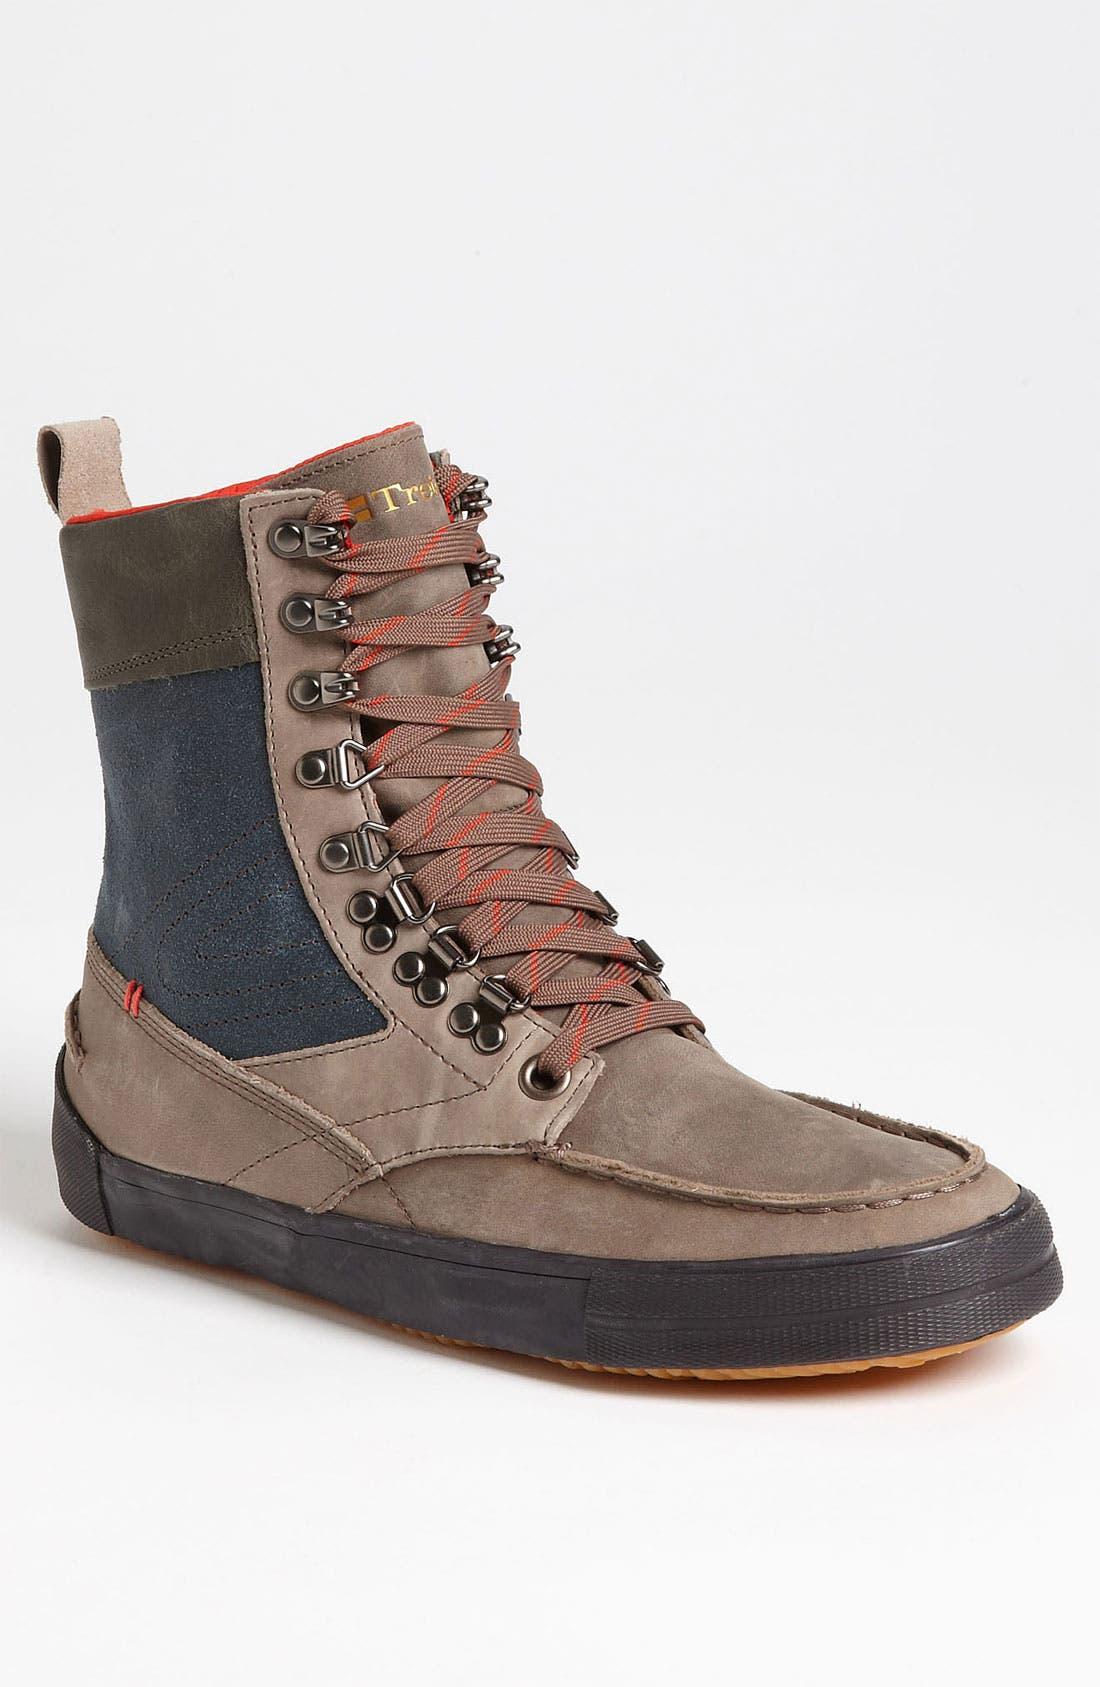 Alternate Image 1 Selected - Tretorn 'Highlander' High Top Sneaker